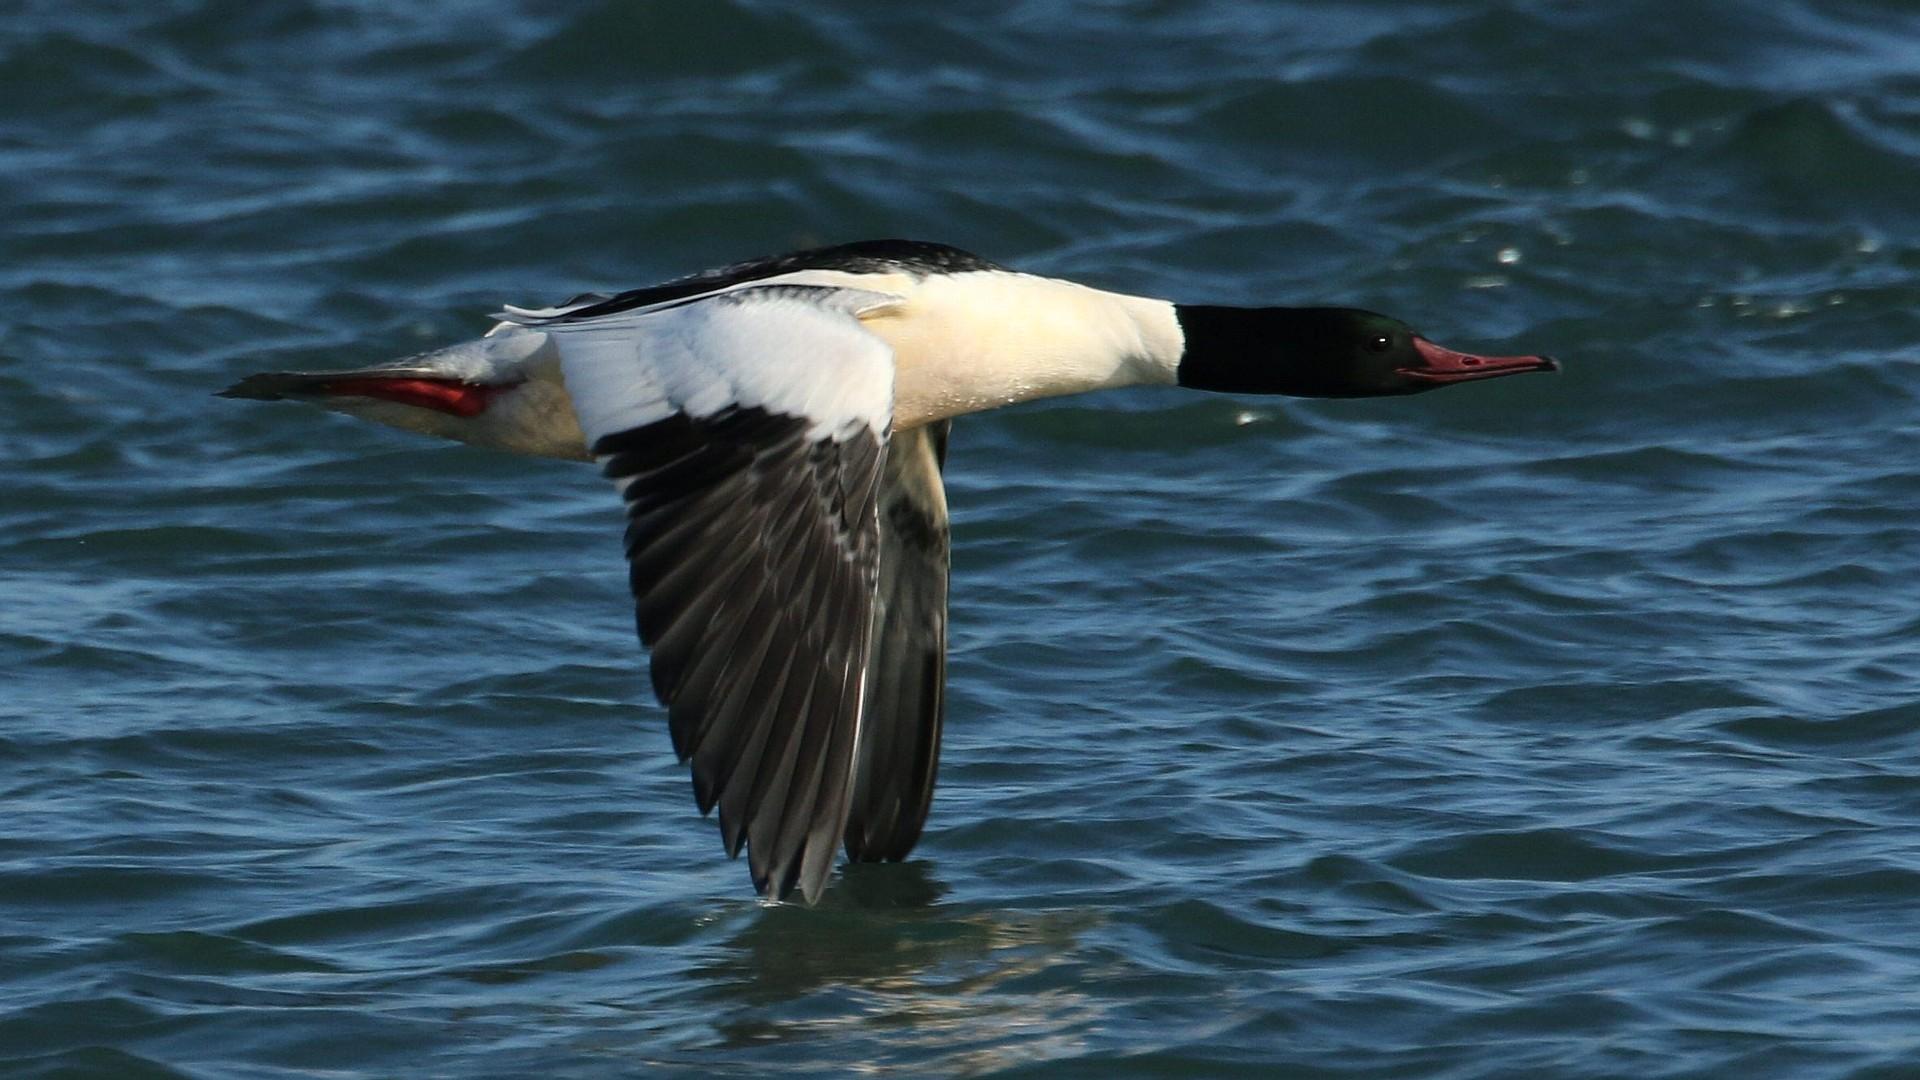 目の前で川面ぎりぎりを飛ぶカワアイサ雄_f0105570_17522539.jpg